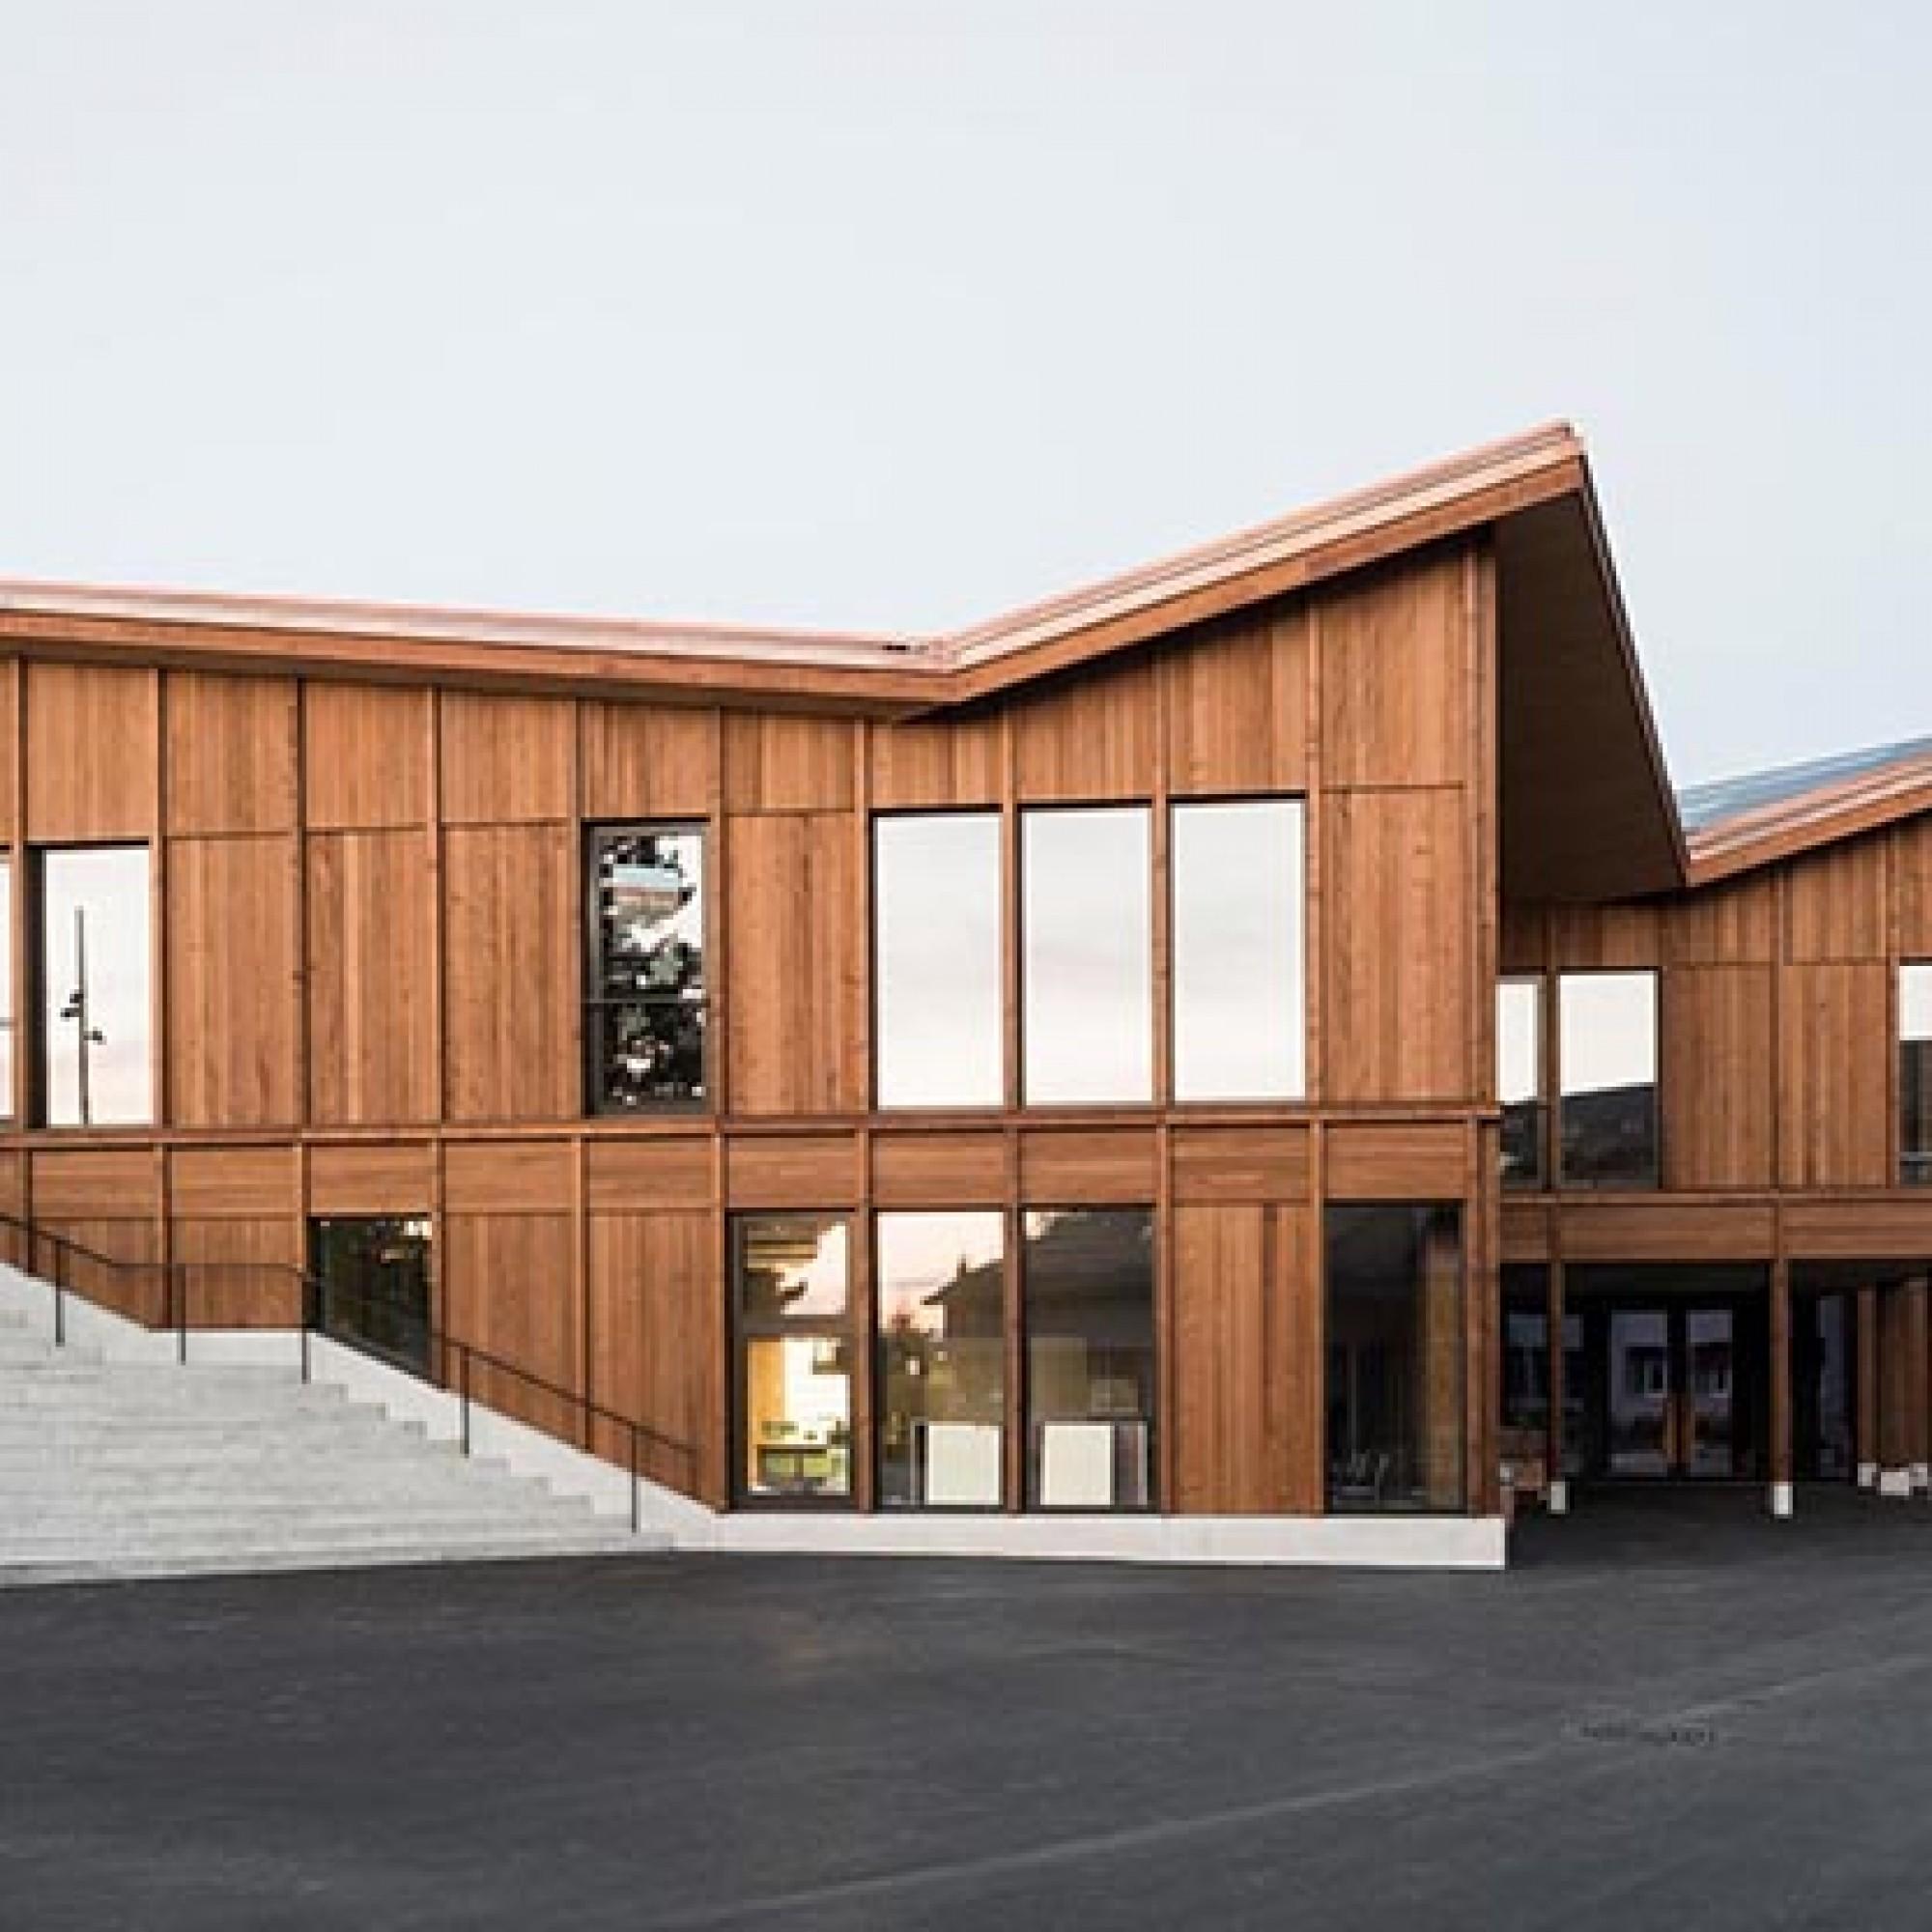 Dans la catégorie «La première construction», le jury a attribué le prix au projet «Schule Port» de Skop GmbH, Zurich (Image 4 sur 4) Simon von Gunten